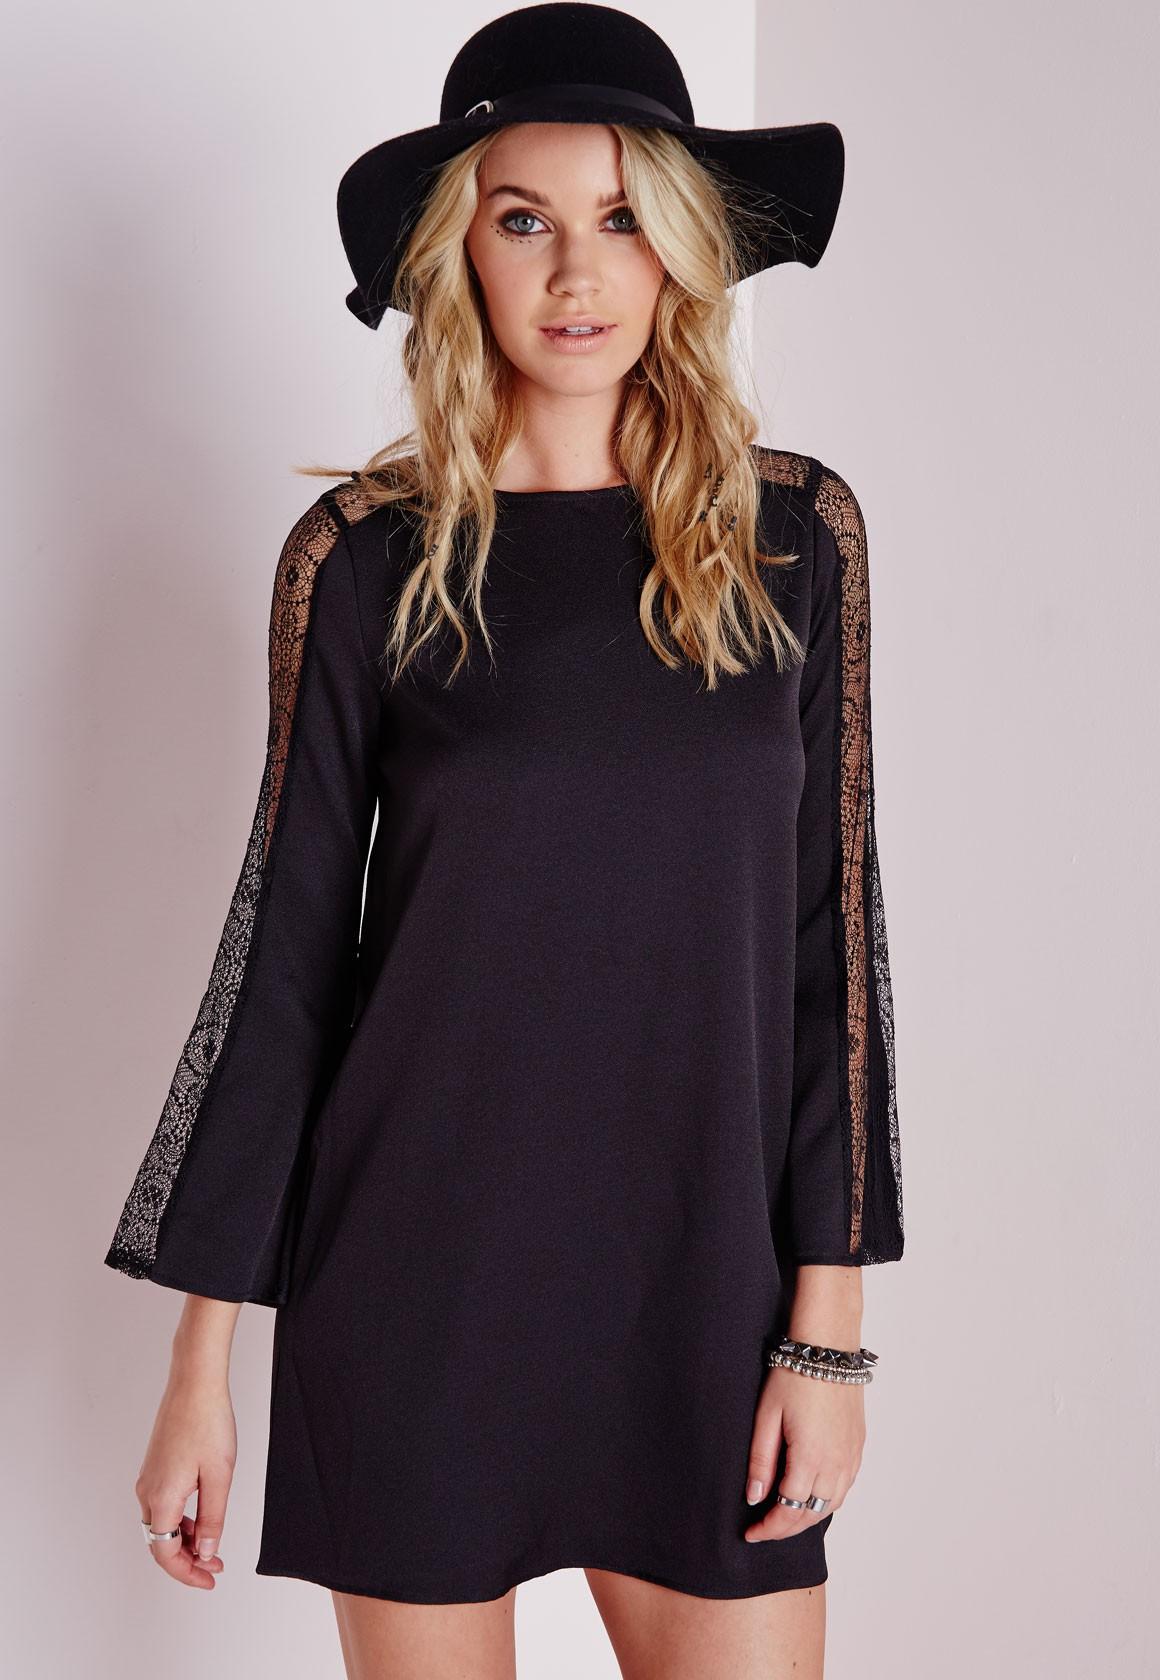 robe vas e elle est la plus branch e du moment. Black Bedroom Furniture Sets. Home Design Ideas